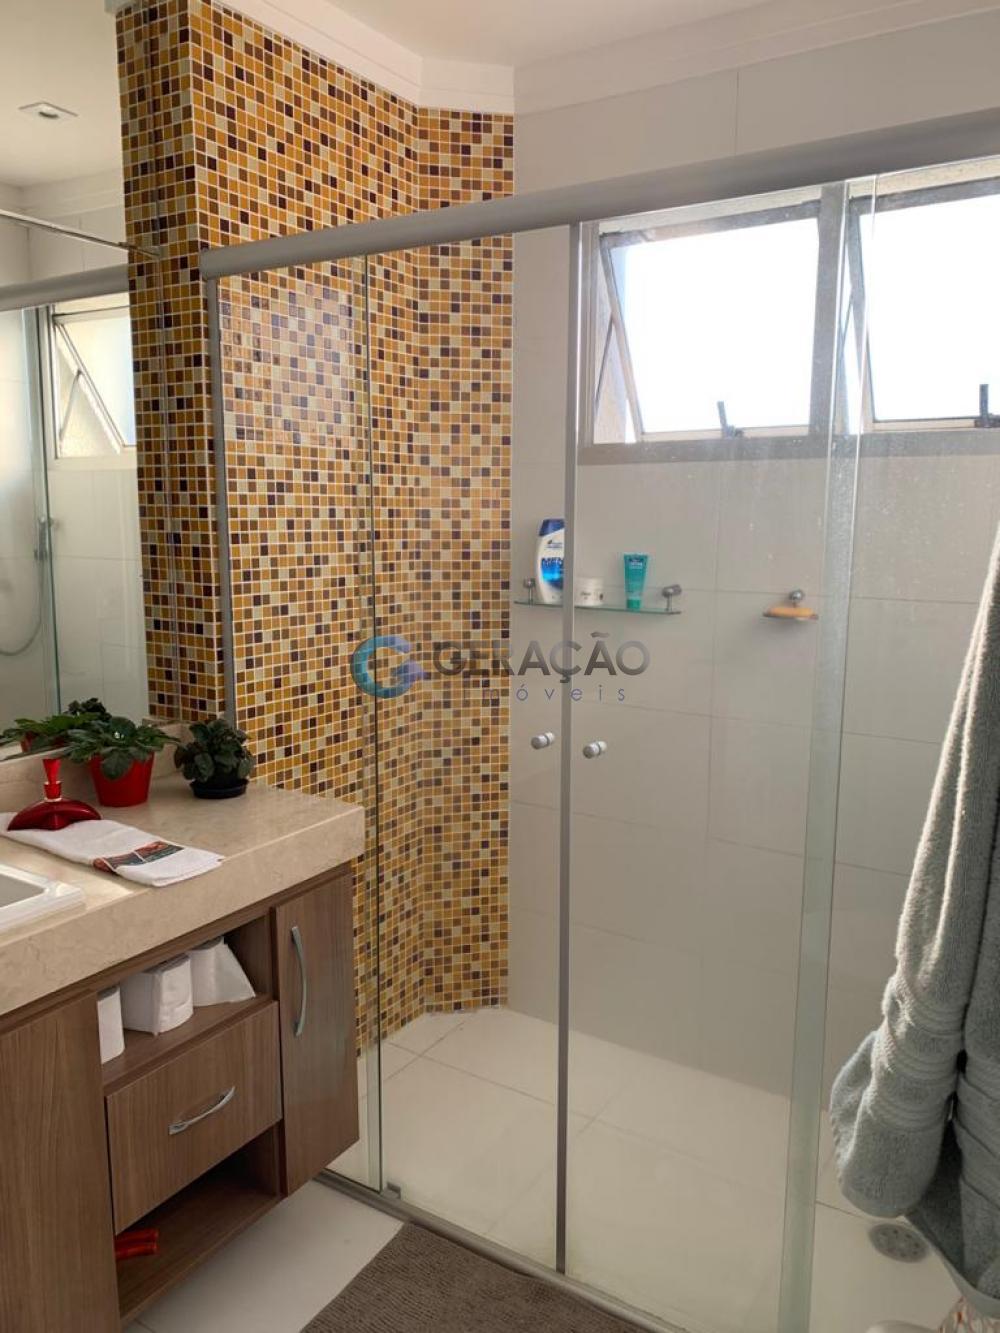 Comprar Apartamento / Padrão em São José dos Campos R$ 590.000,00 - Foto 24